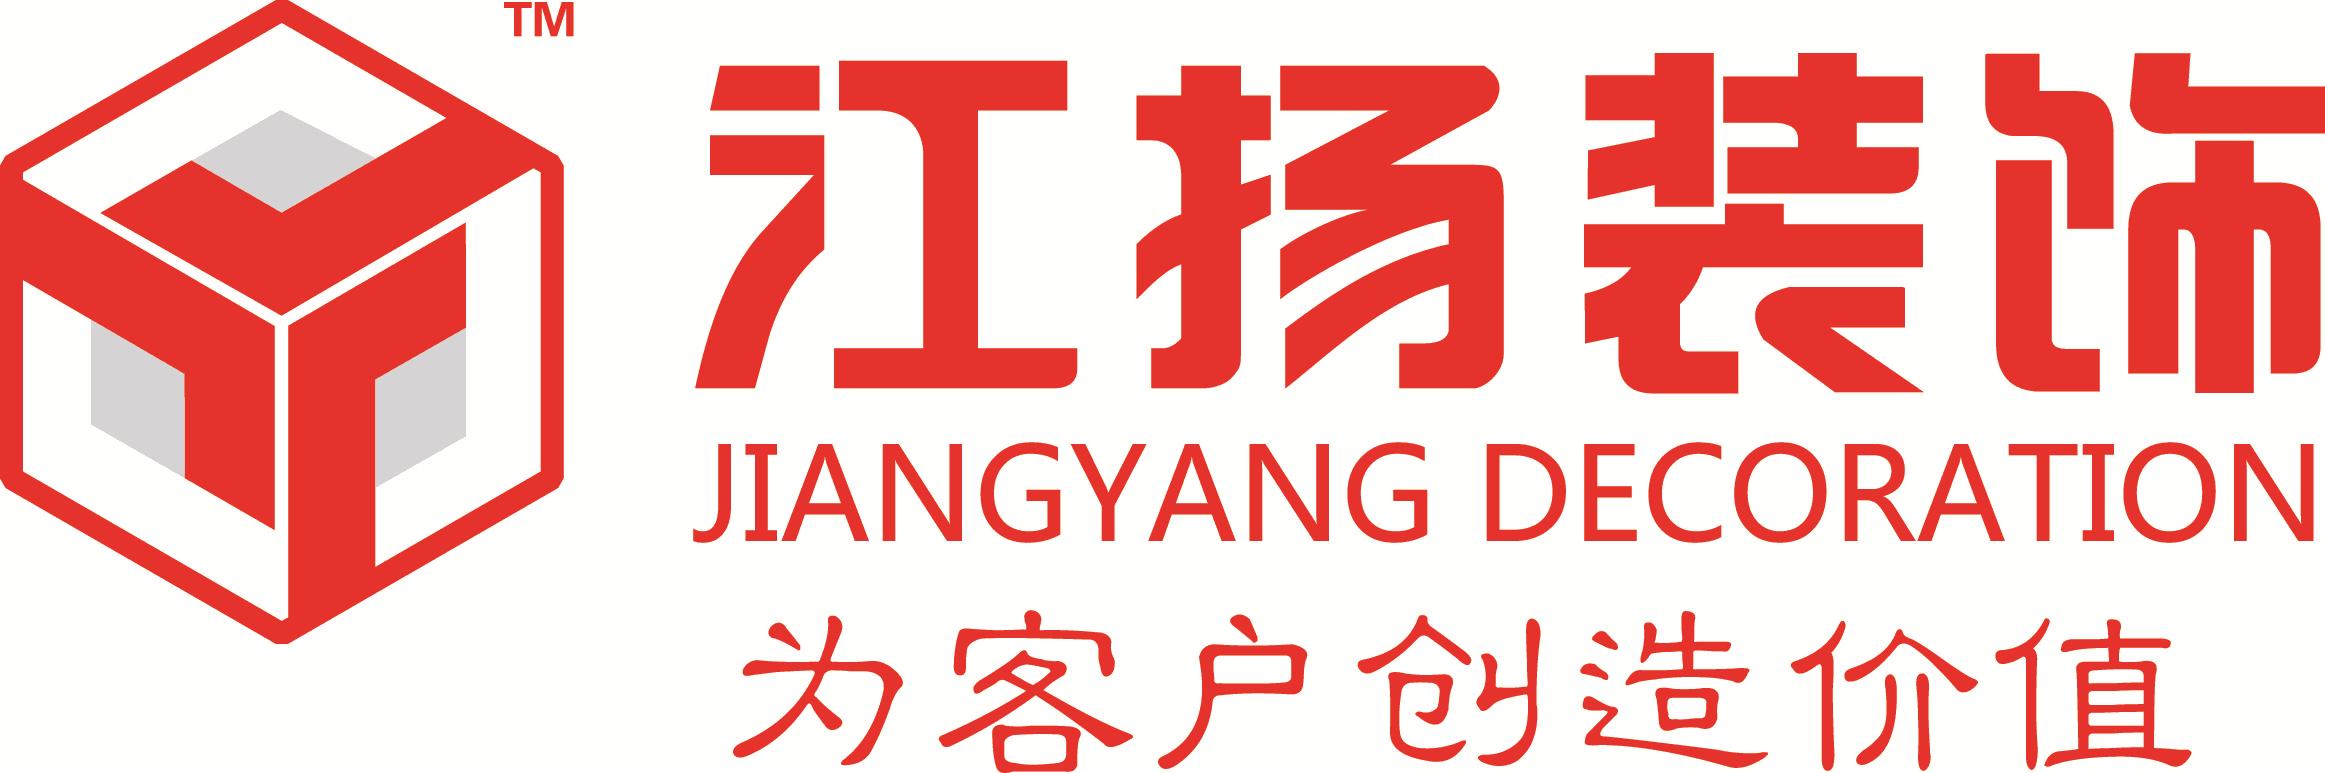 江苏江扬建筑装饰工程有限公司